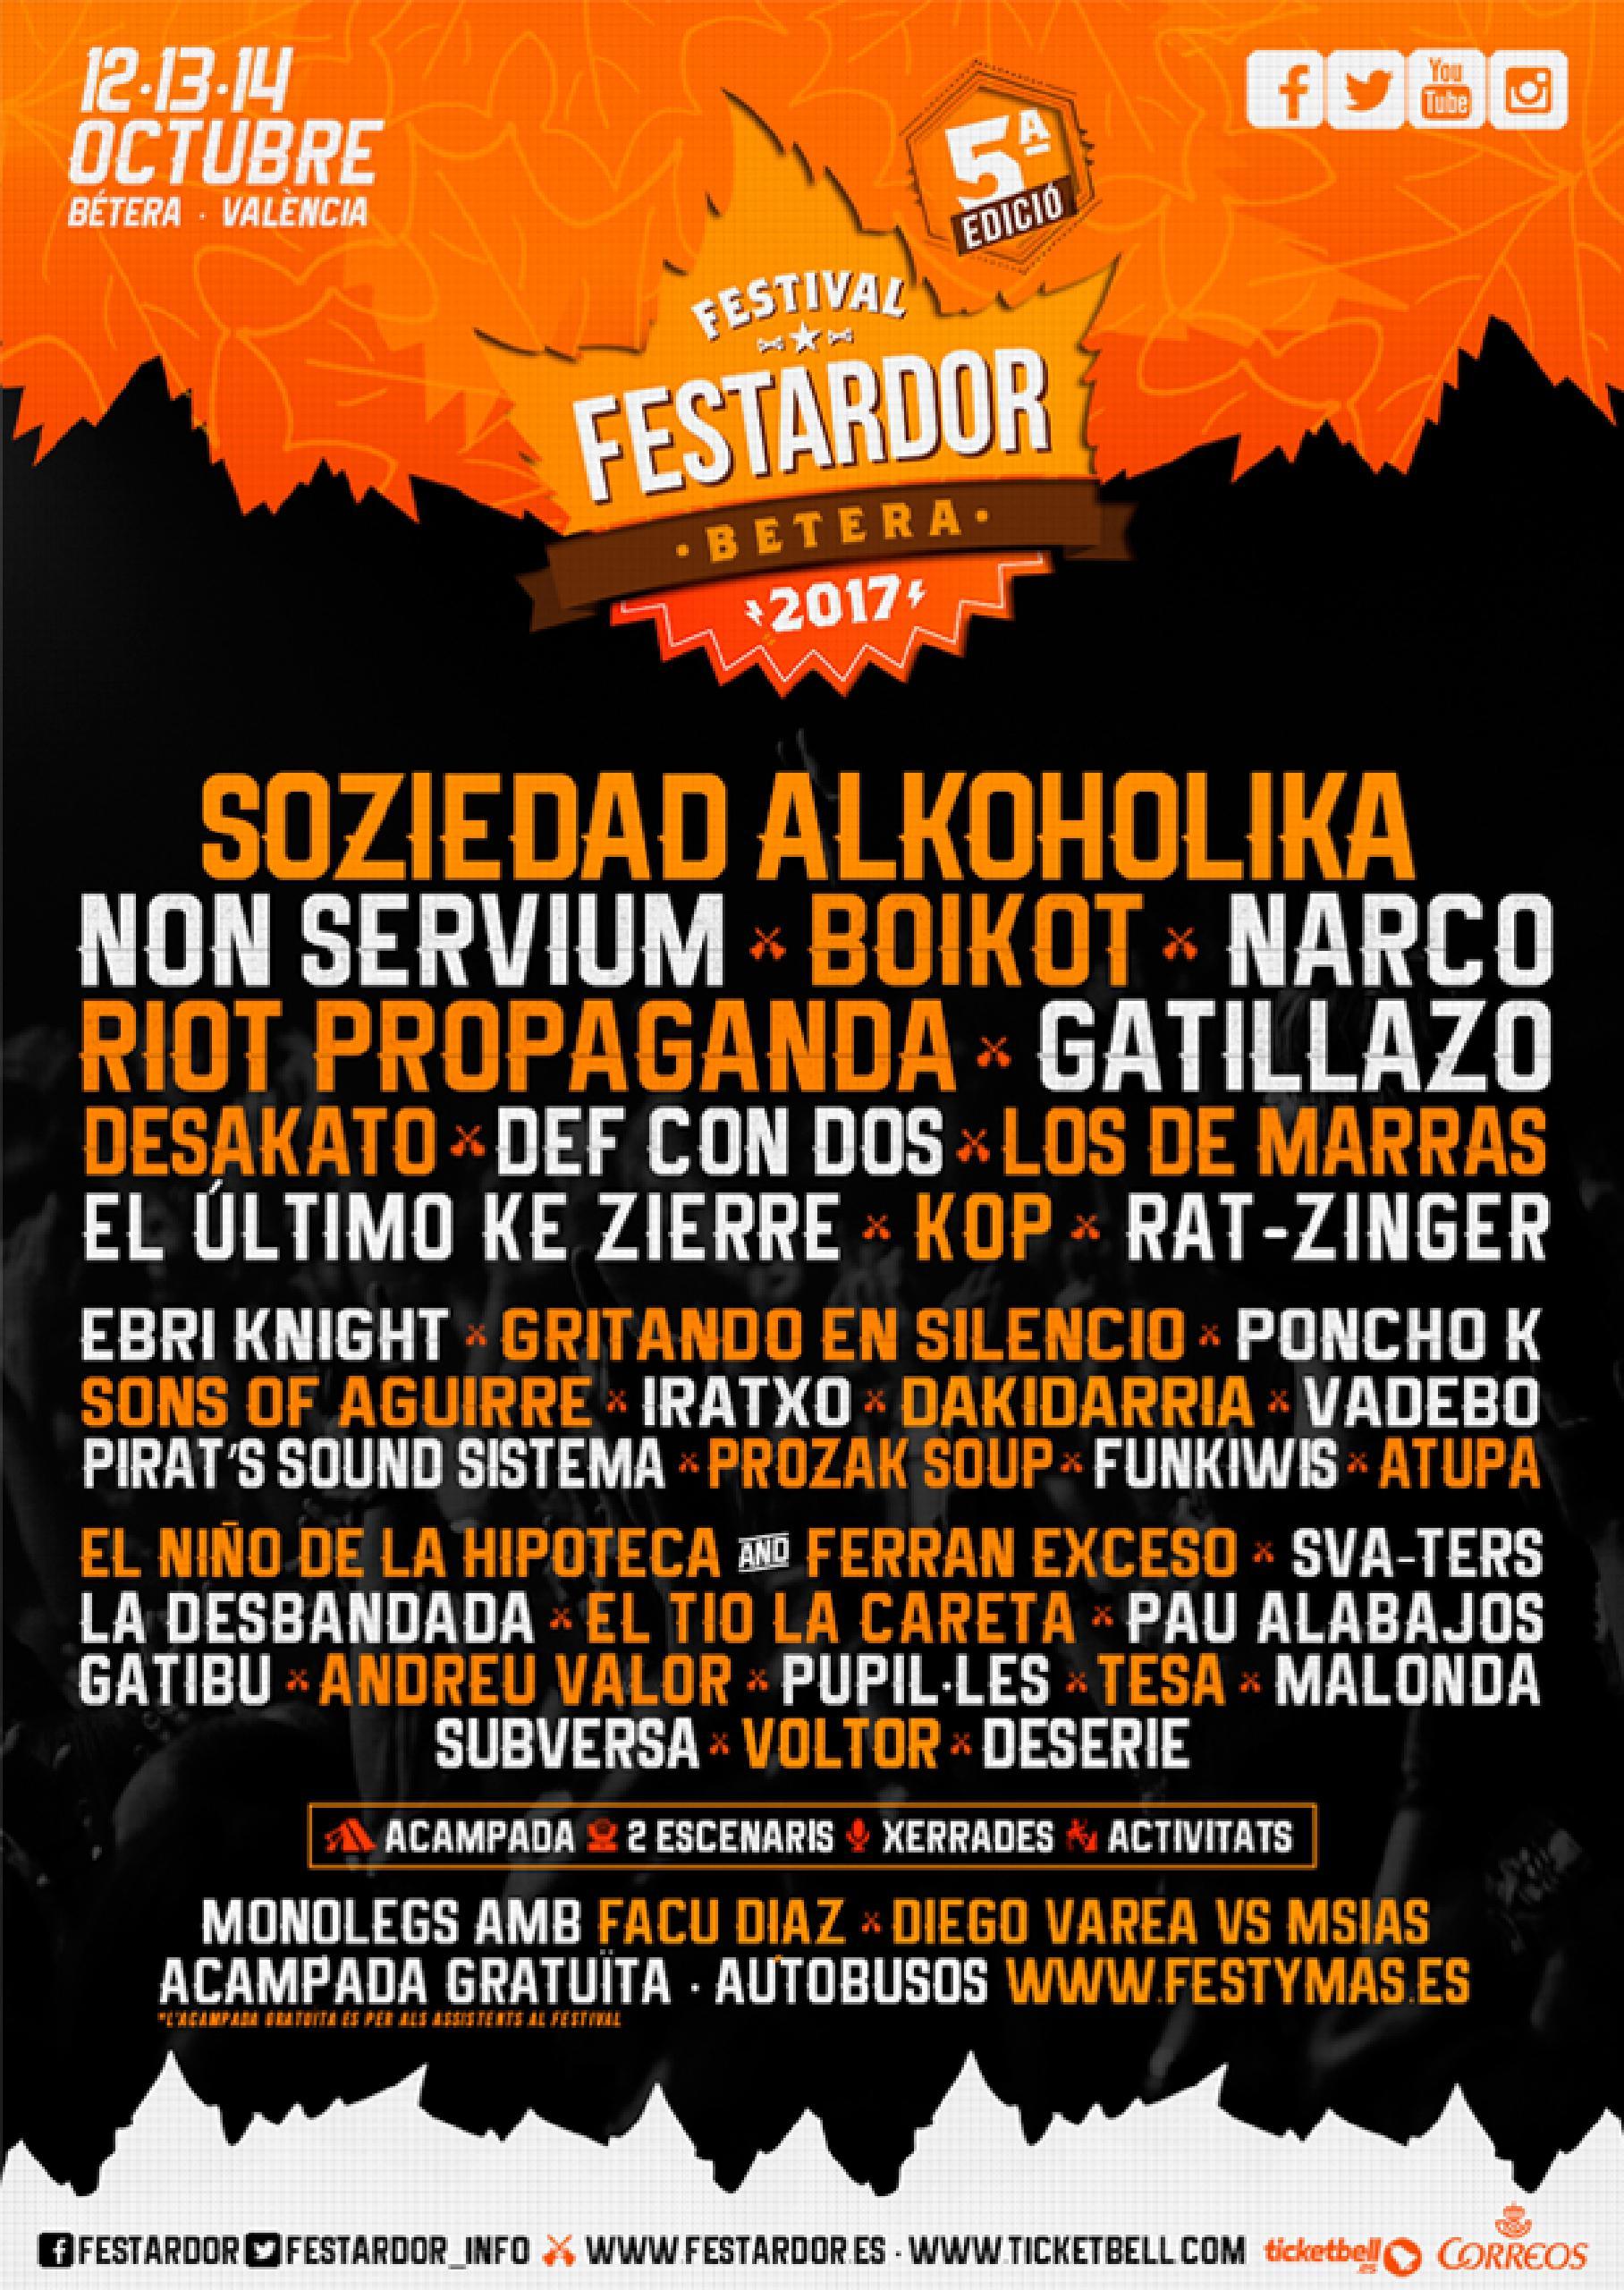 Cartel del Festival Festardor